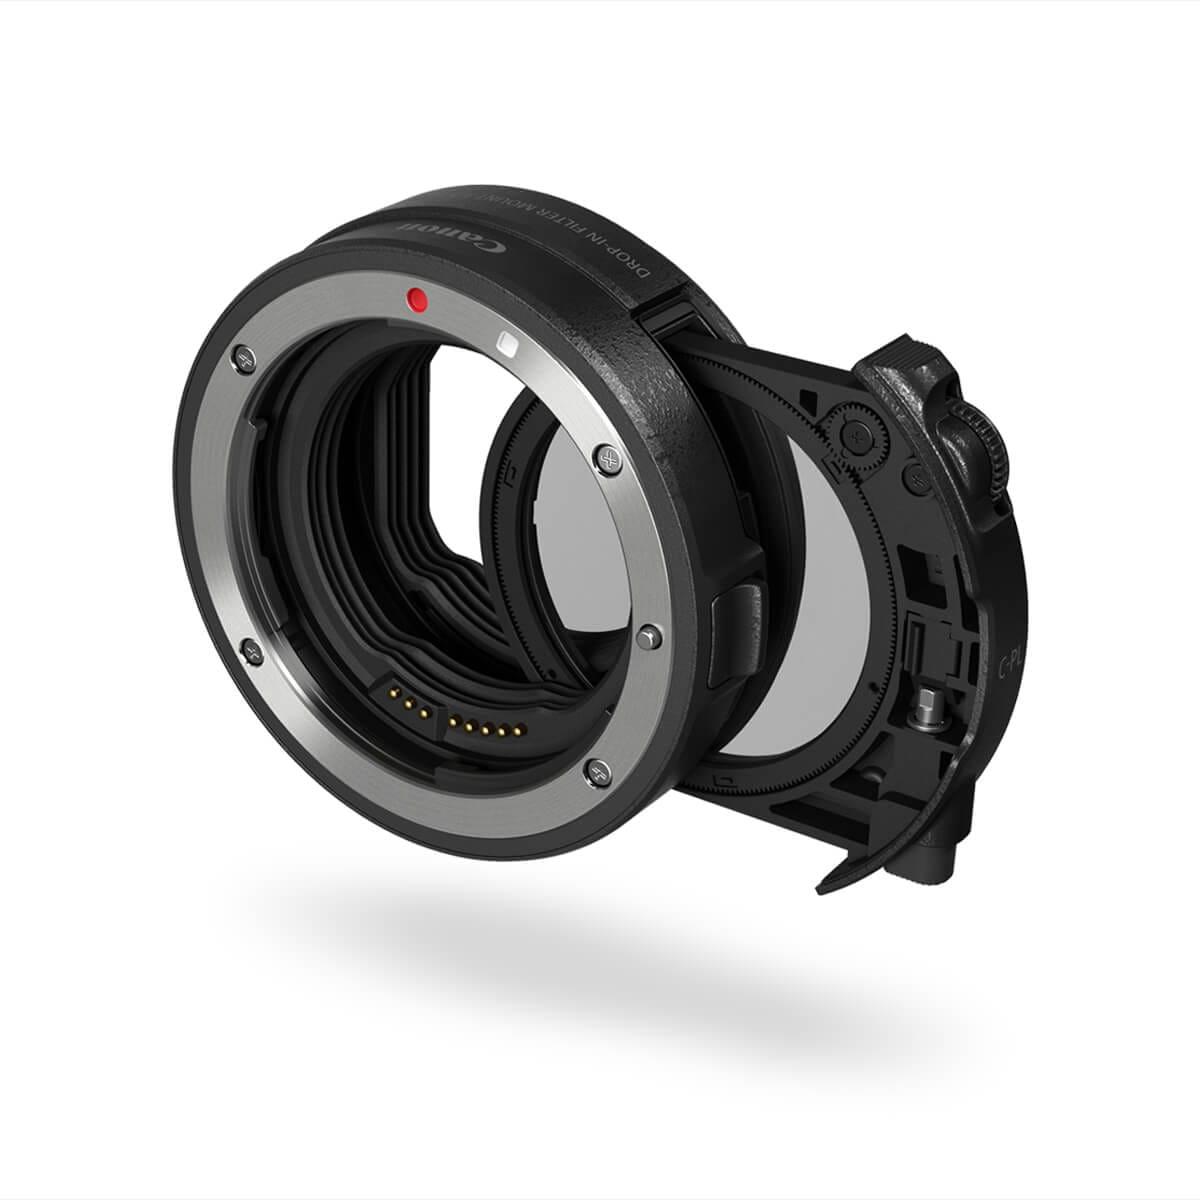 Drop-In Filter Mount Adapter EF-EOS R med variabel ND-filter